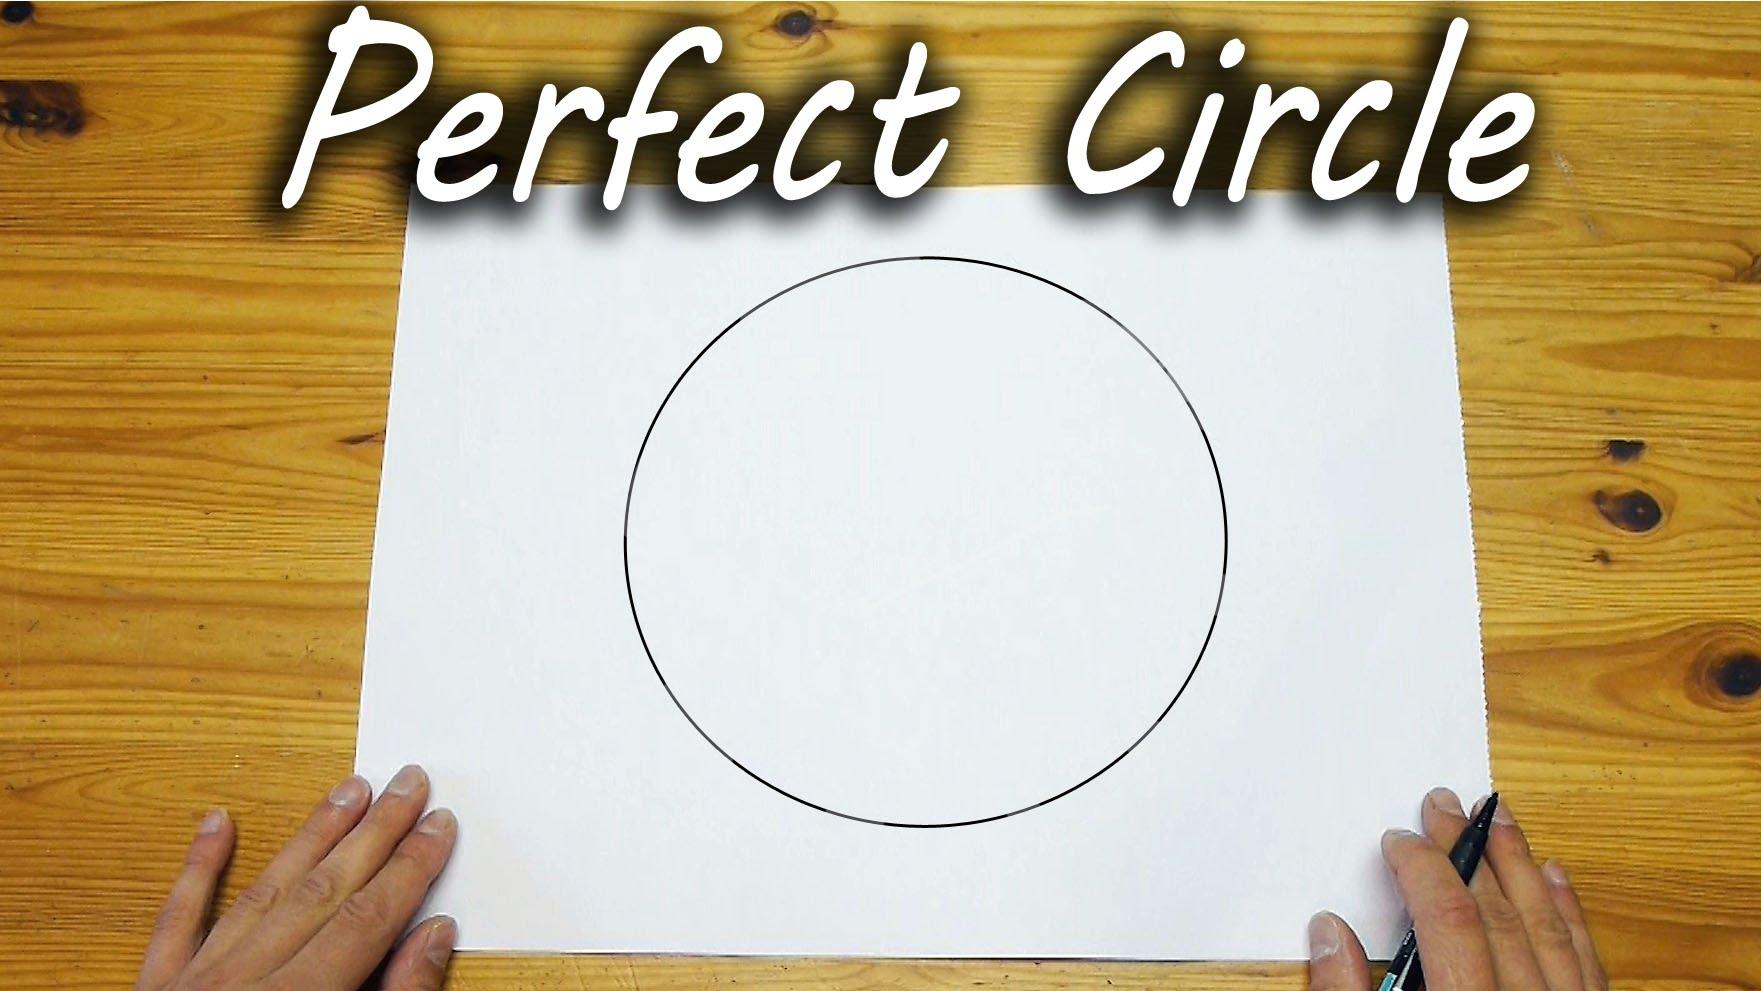 フリーハンドで円を描く画期的な方法